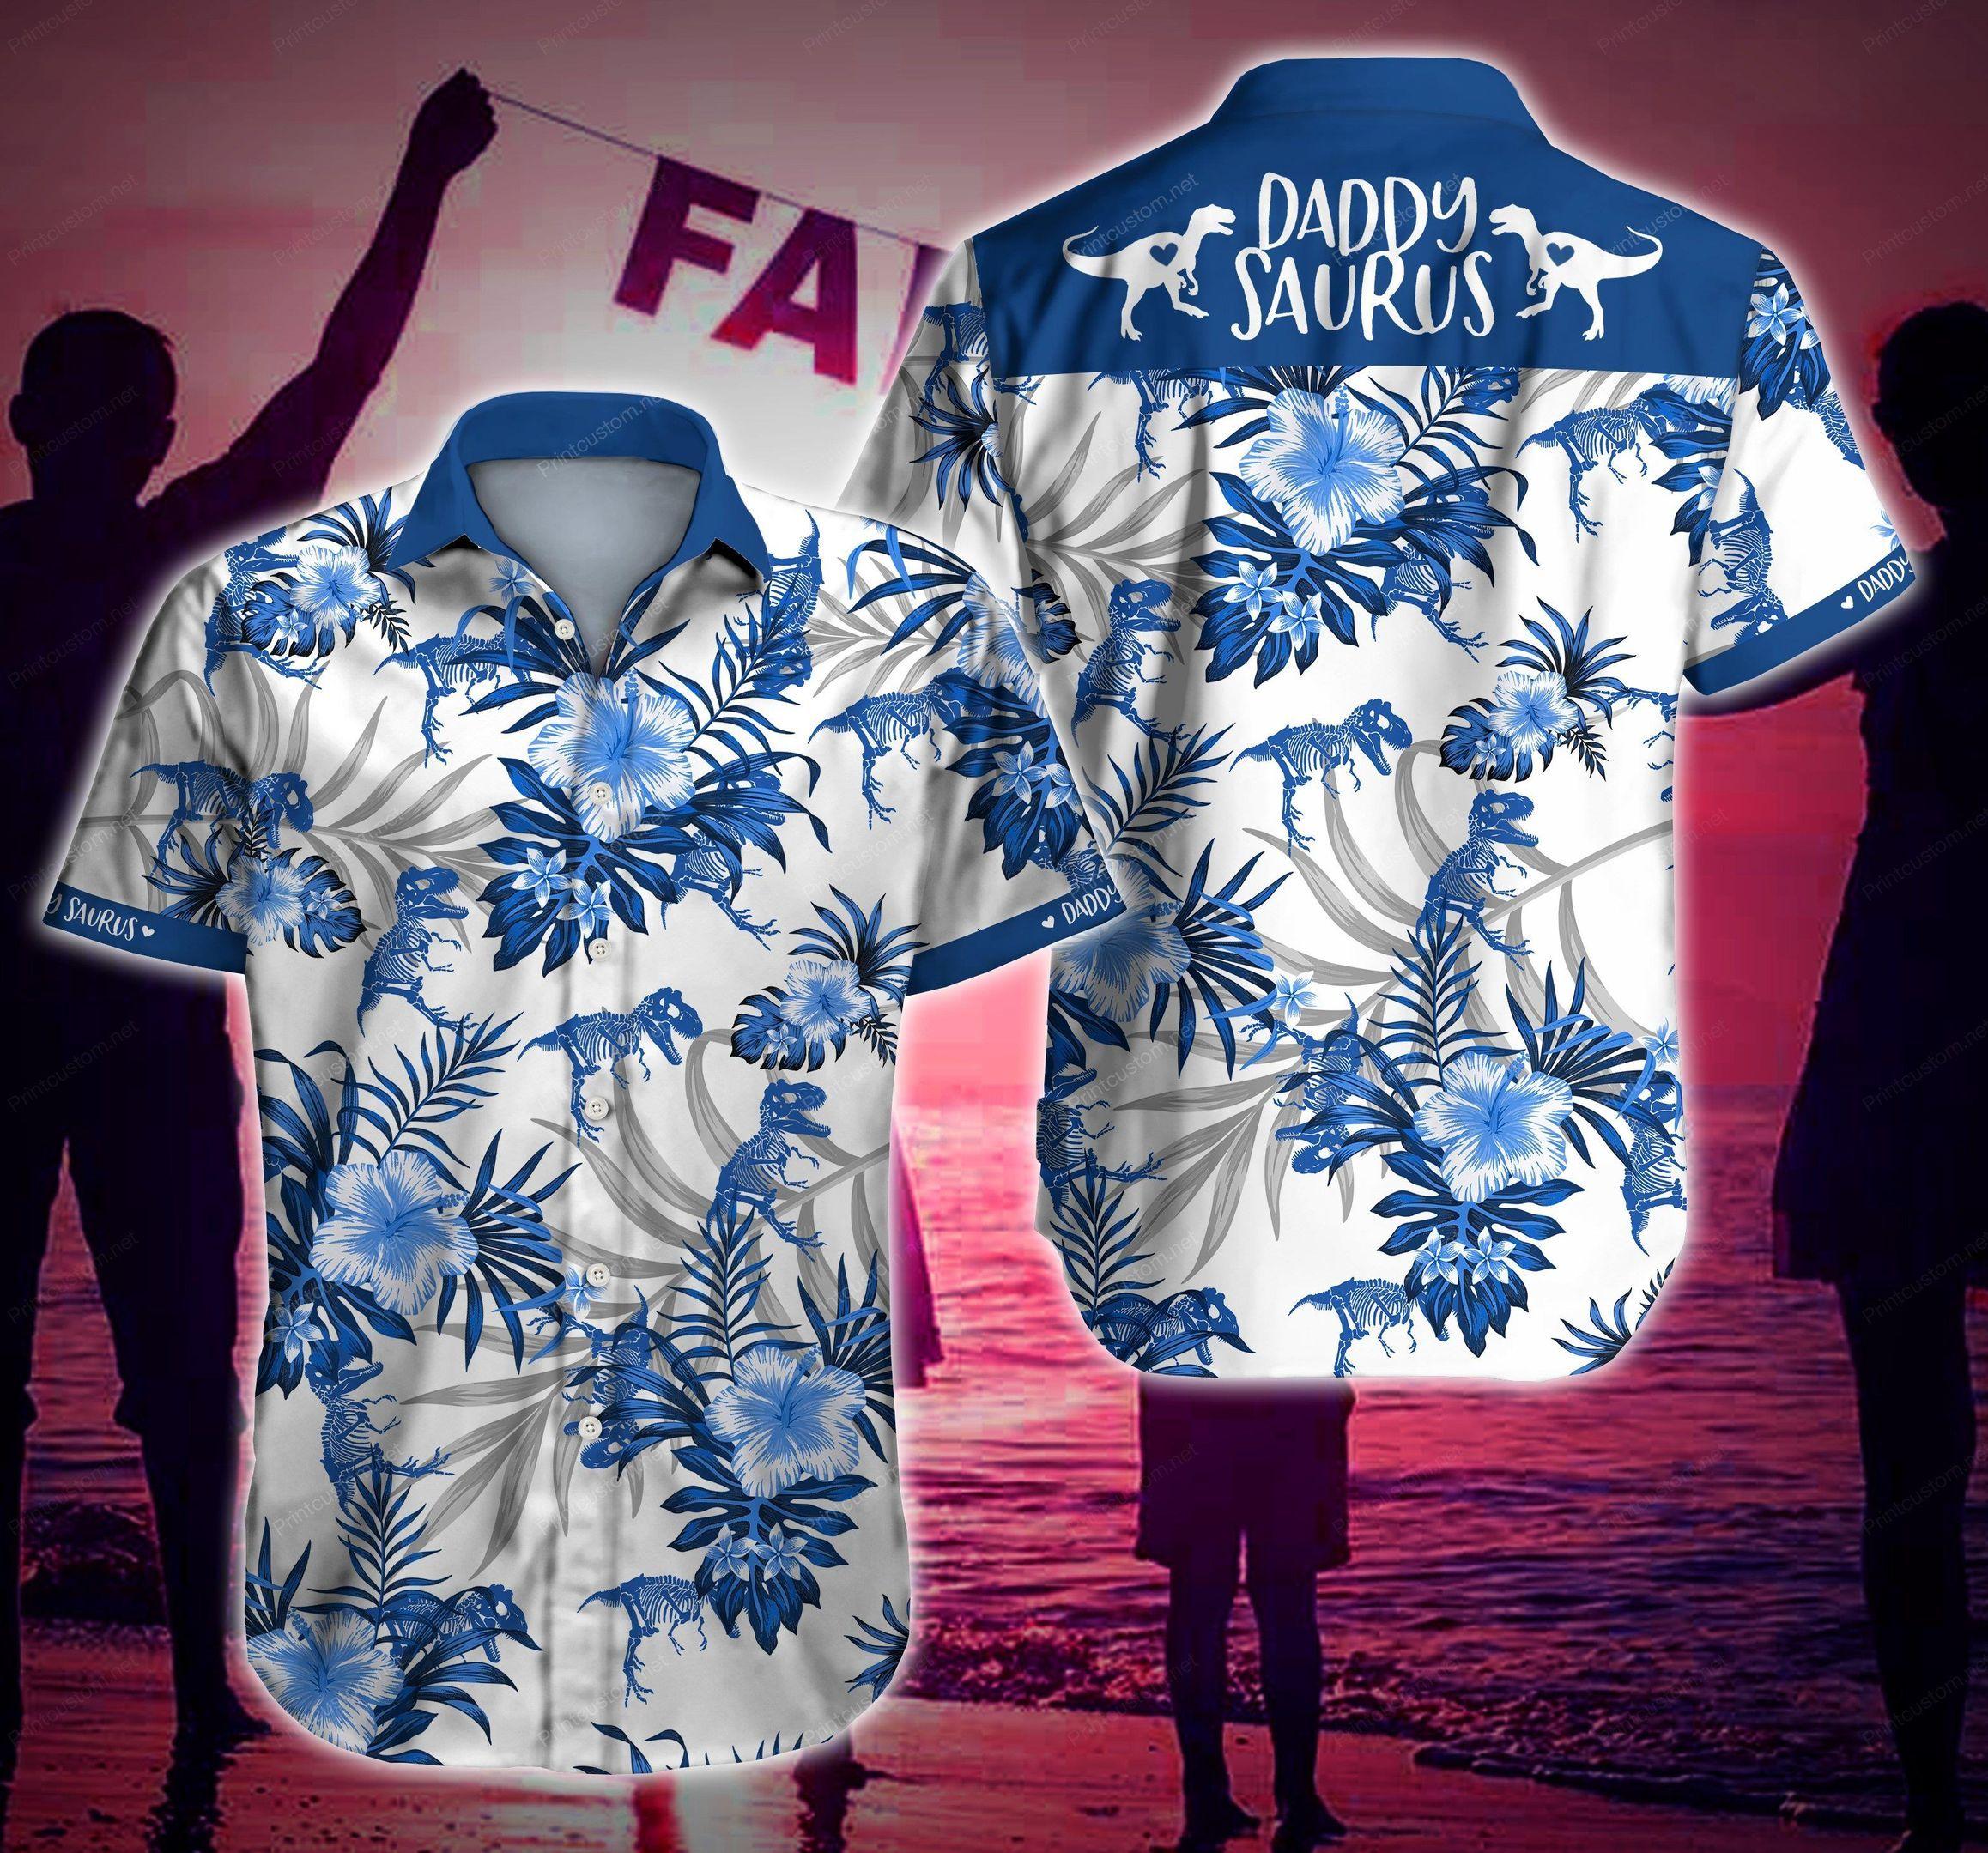 Daddysaurus Floral White Hawaiian Shirt Summer Beach Shirt